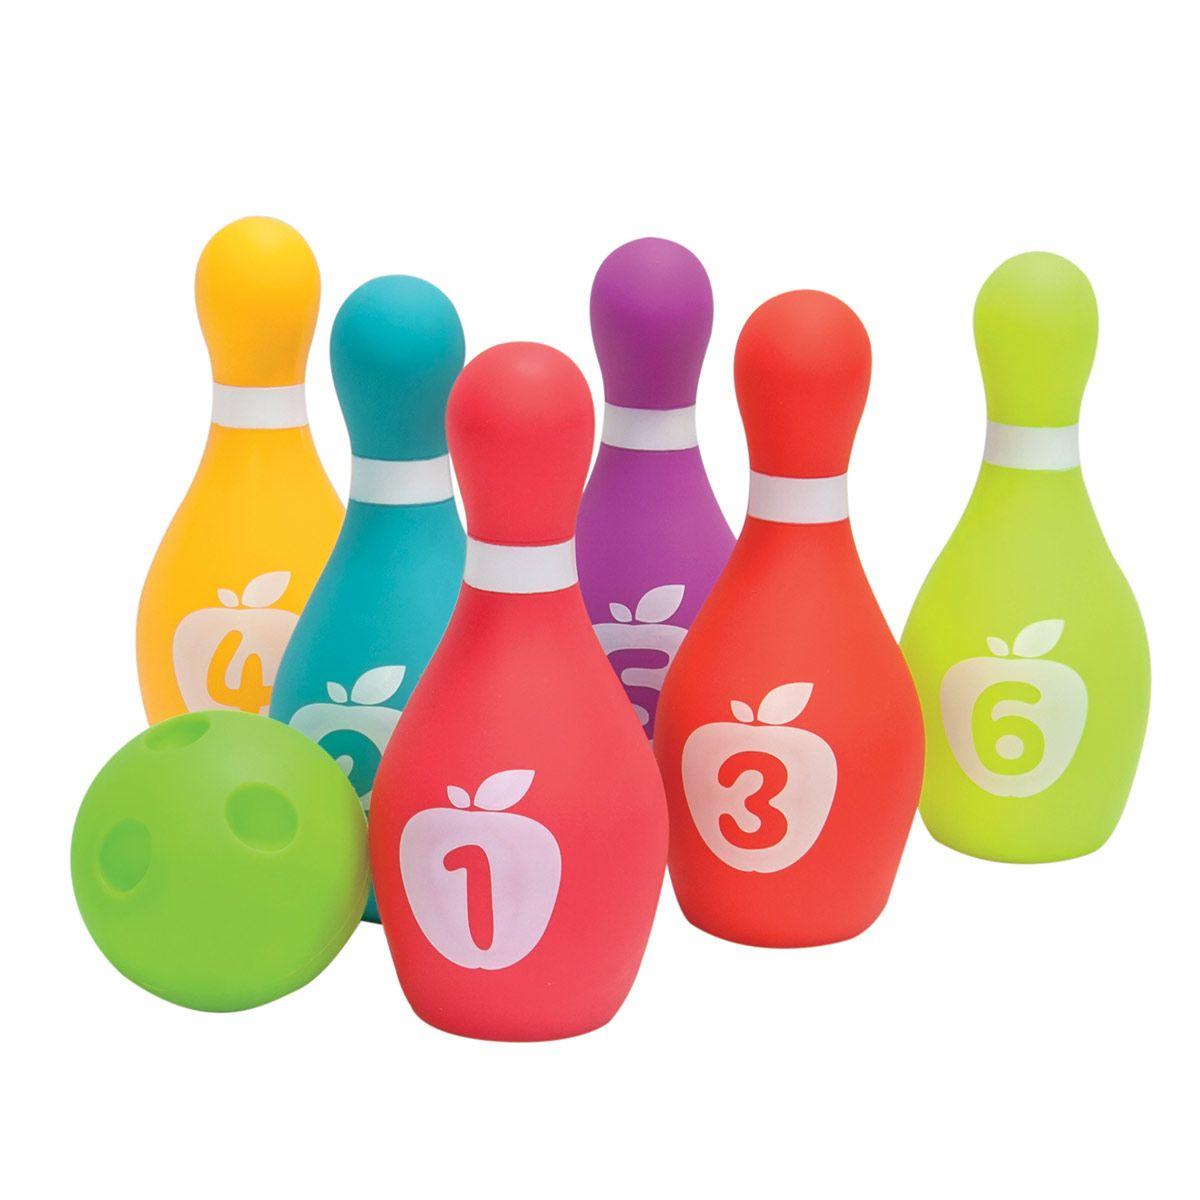 Mon Premier Jeu De Quilles - Balles Et Jouets À Balles - La avec Jeux De Bouligue